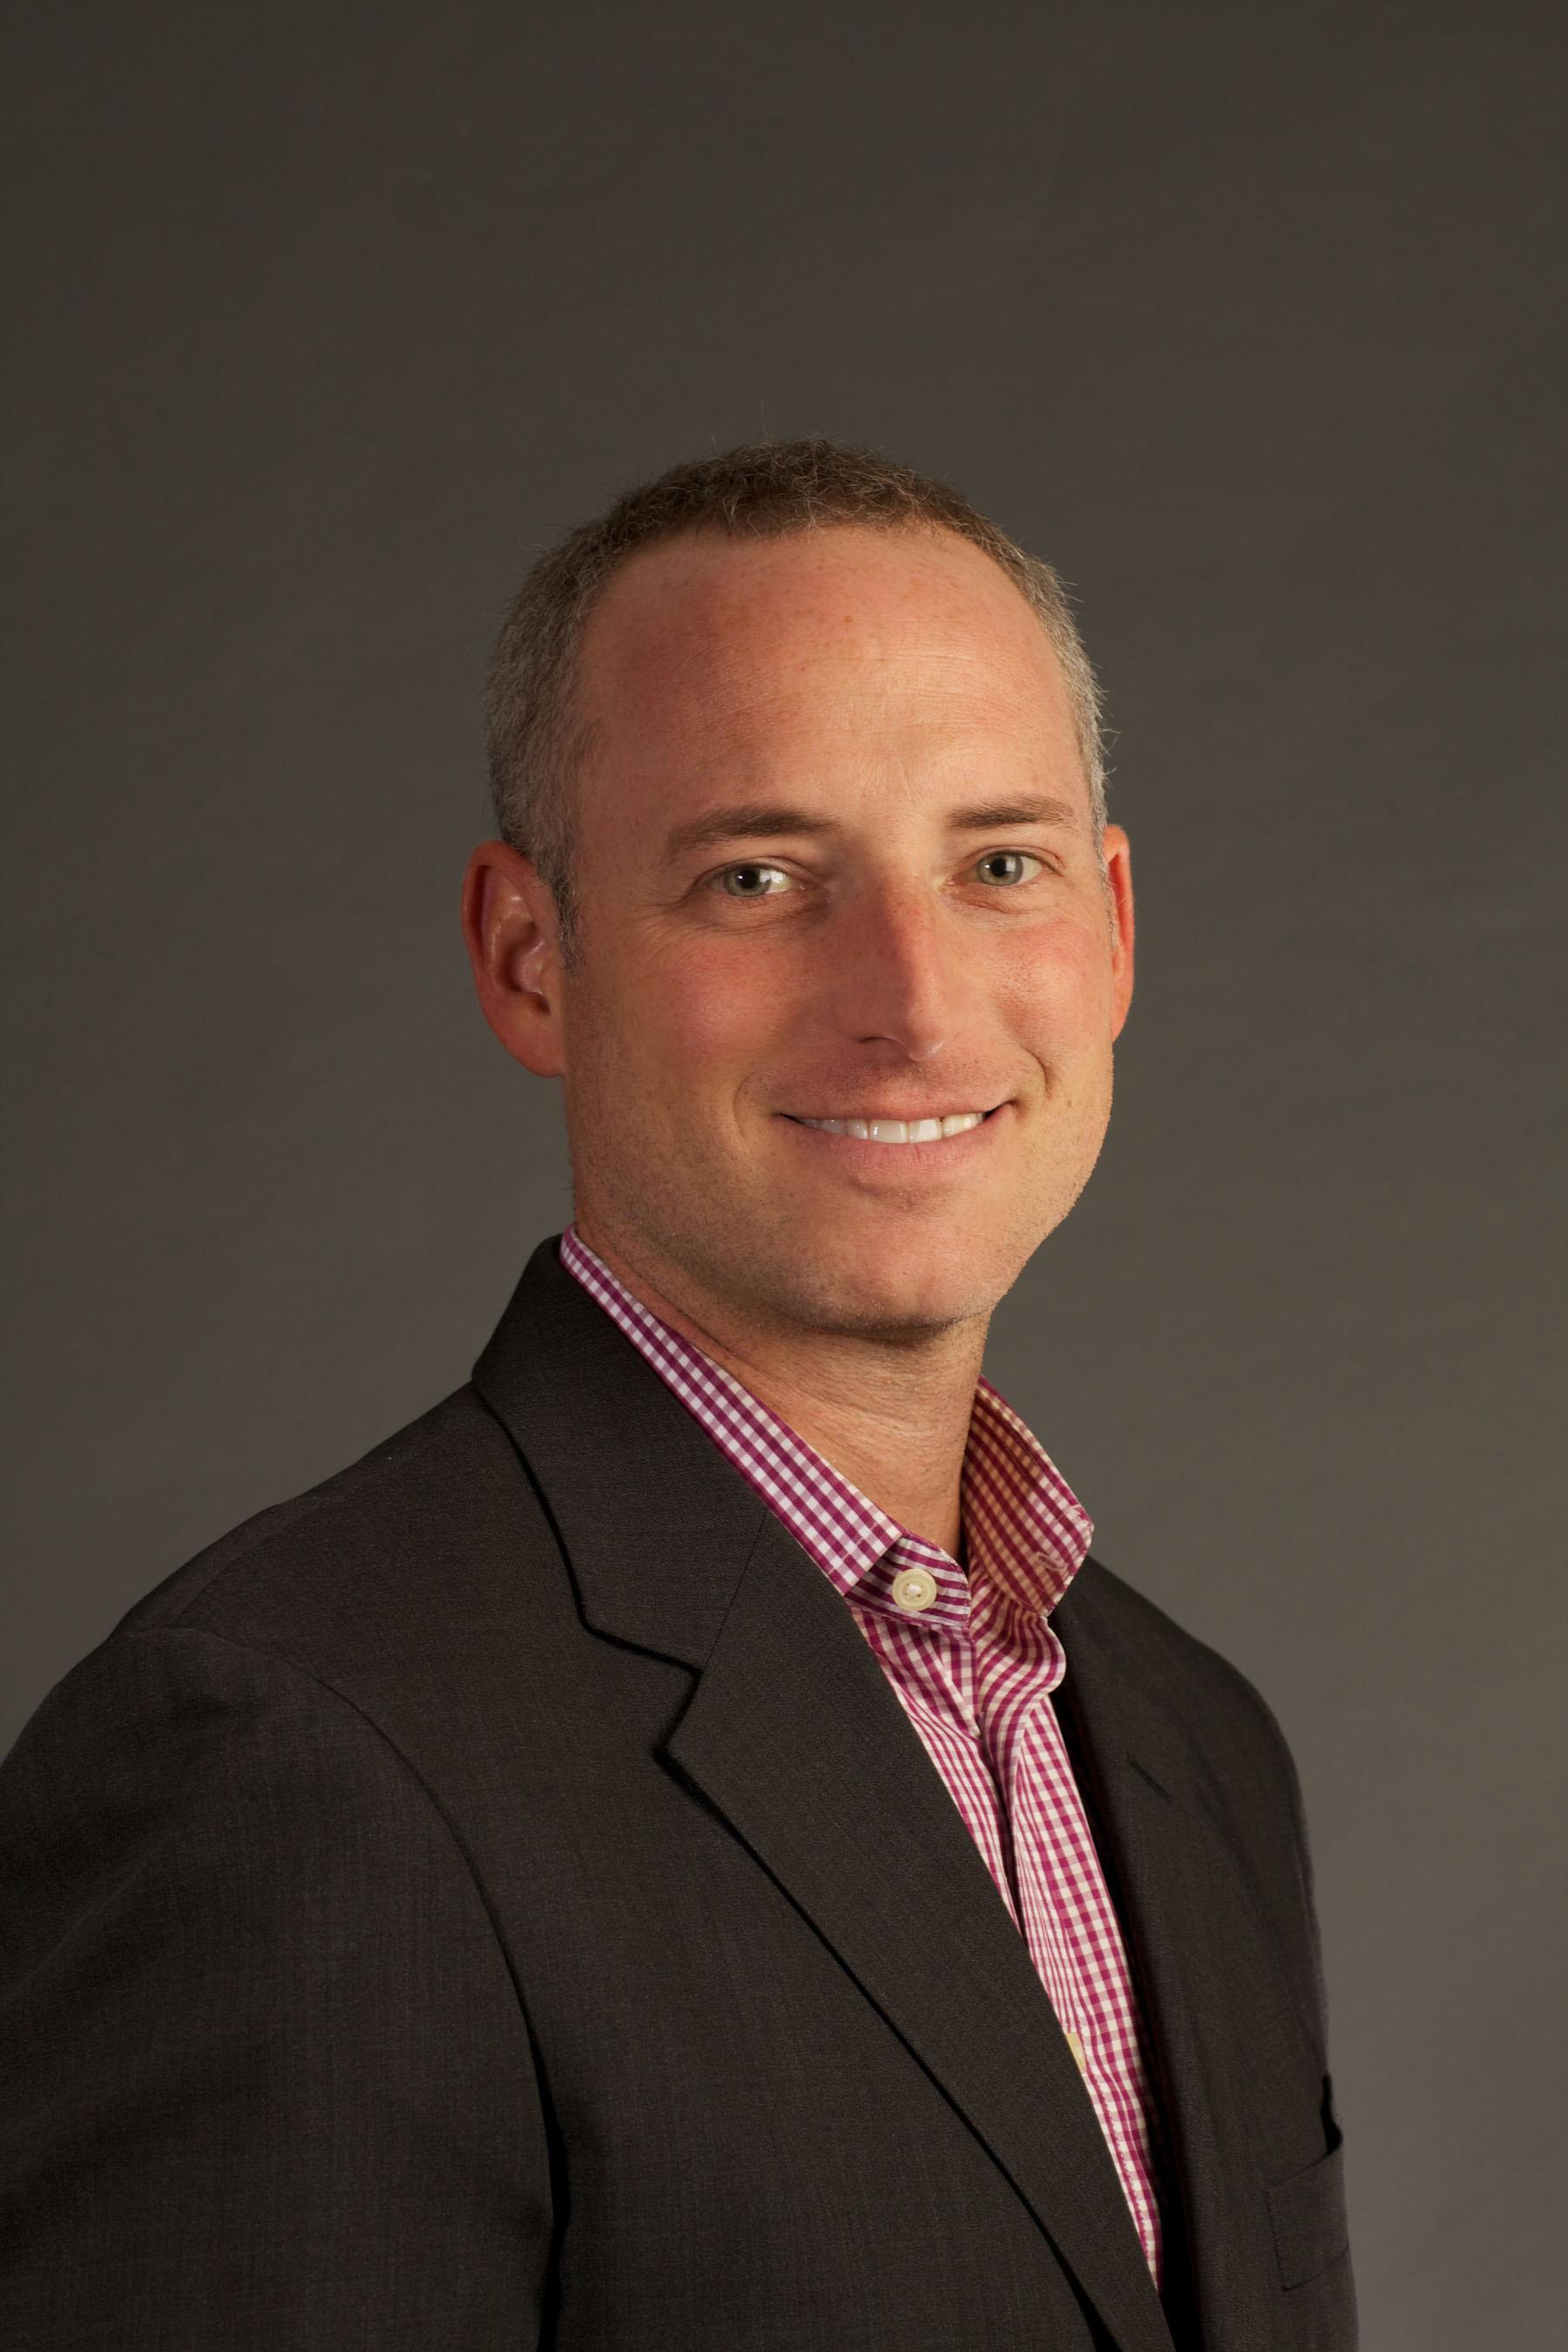 Andrew Meranus, PR Newswire. (PRNewsFoto/PR Newswire Association LLC) (PRNewsFoto/PR NEWSWIRE ASSOCIATION LLC)